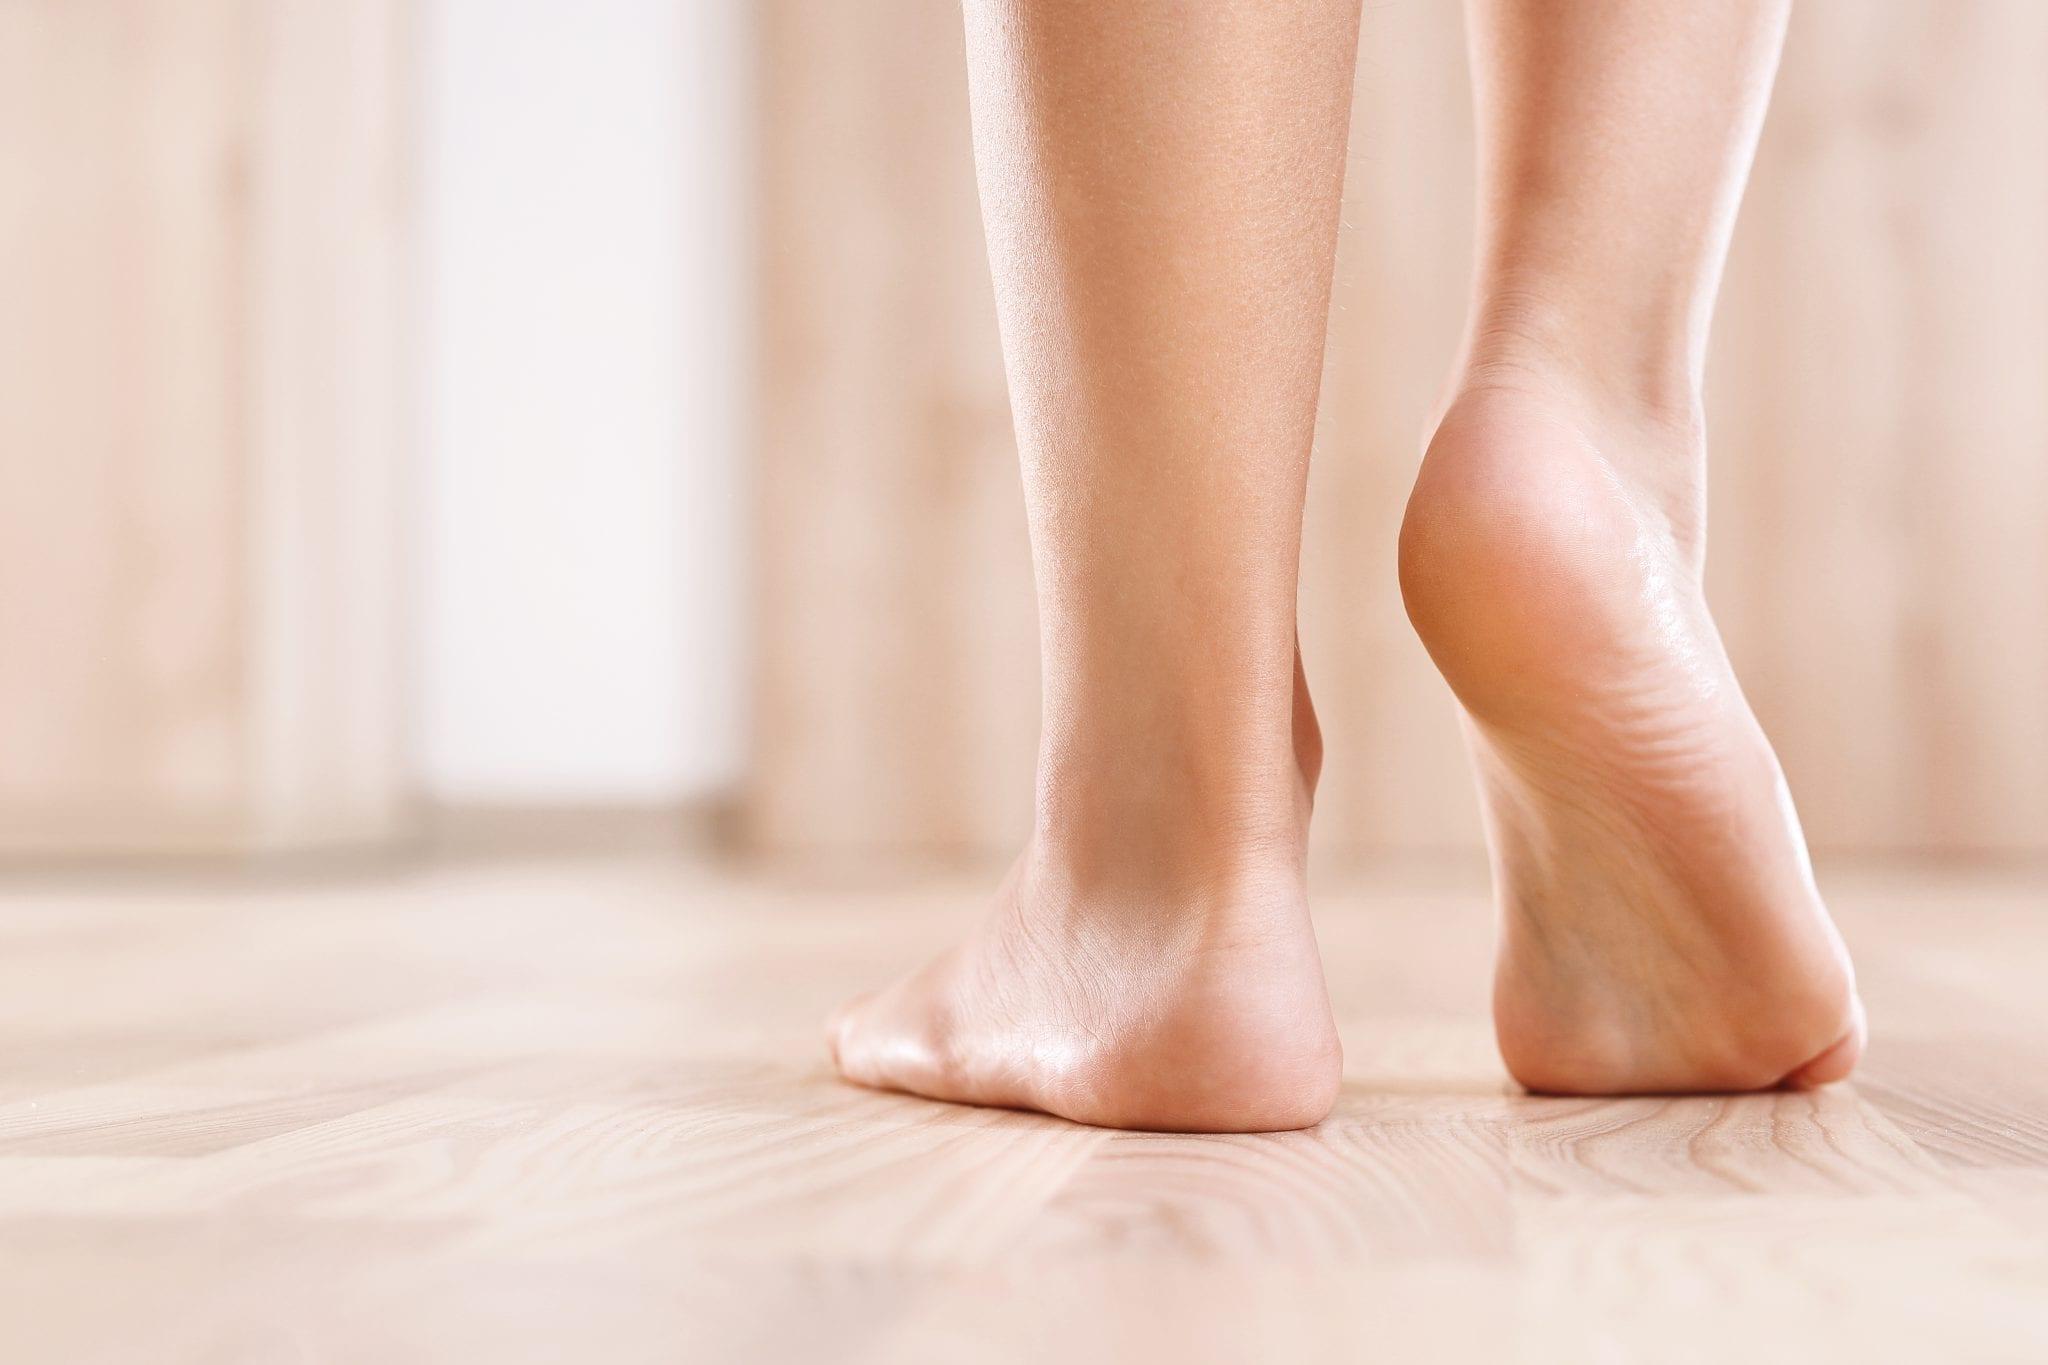 Docteur Jérémie Knafo chirurgien clinique du pied bordeaux